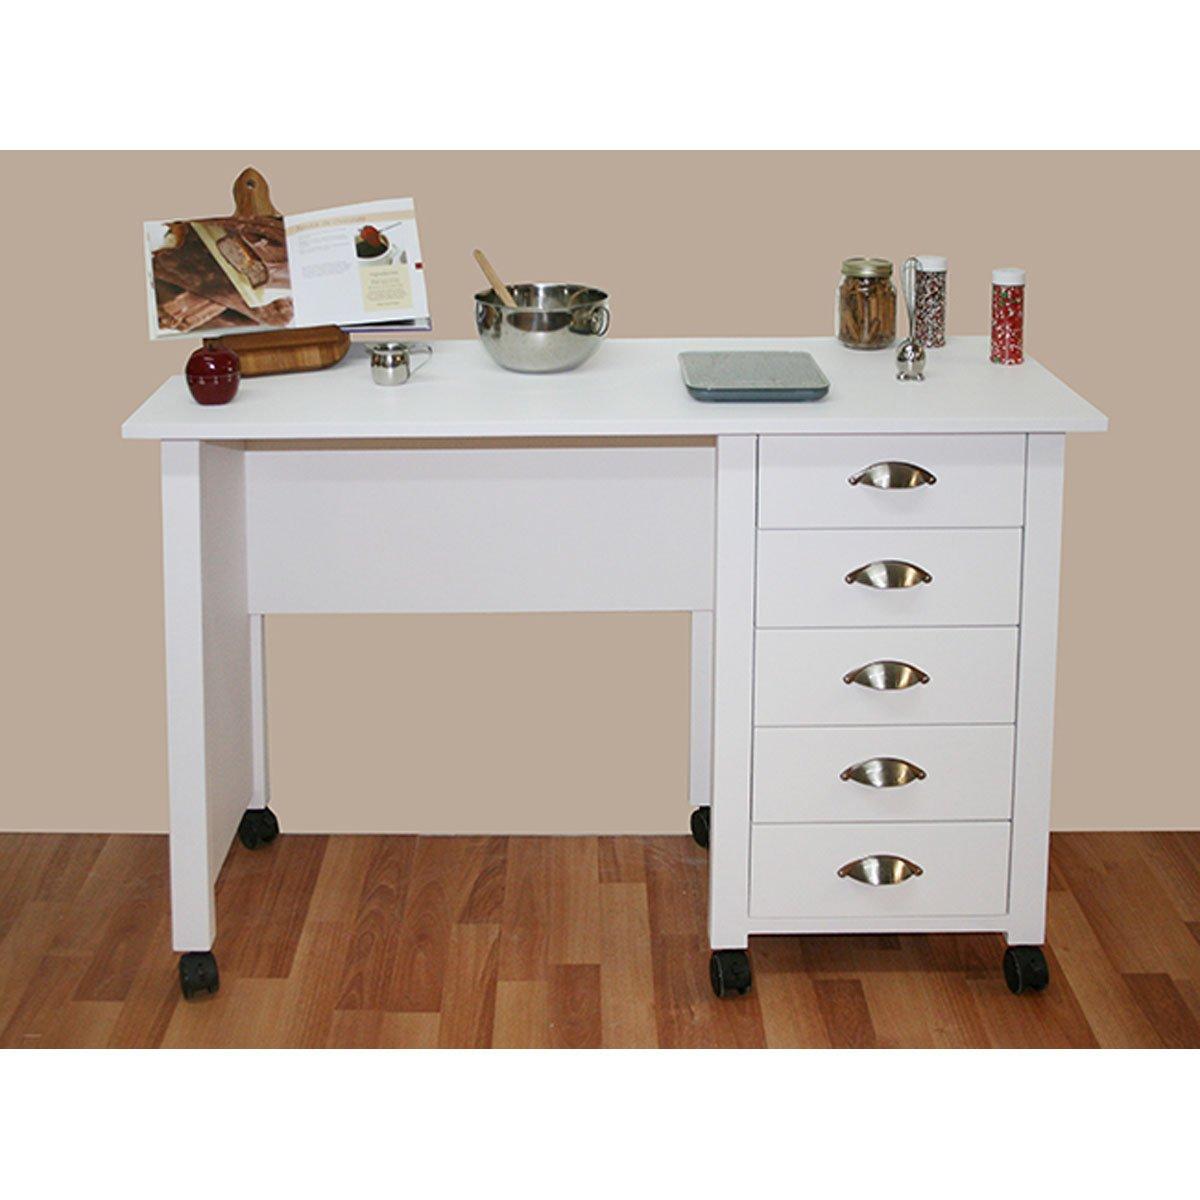 Lujo Muebles De Cocina Sears Galería - Ideas Del Gabinete de Cocina ...